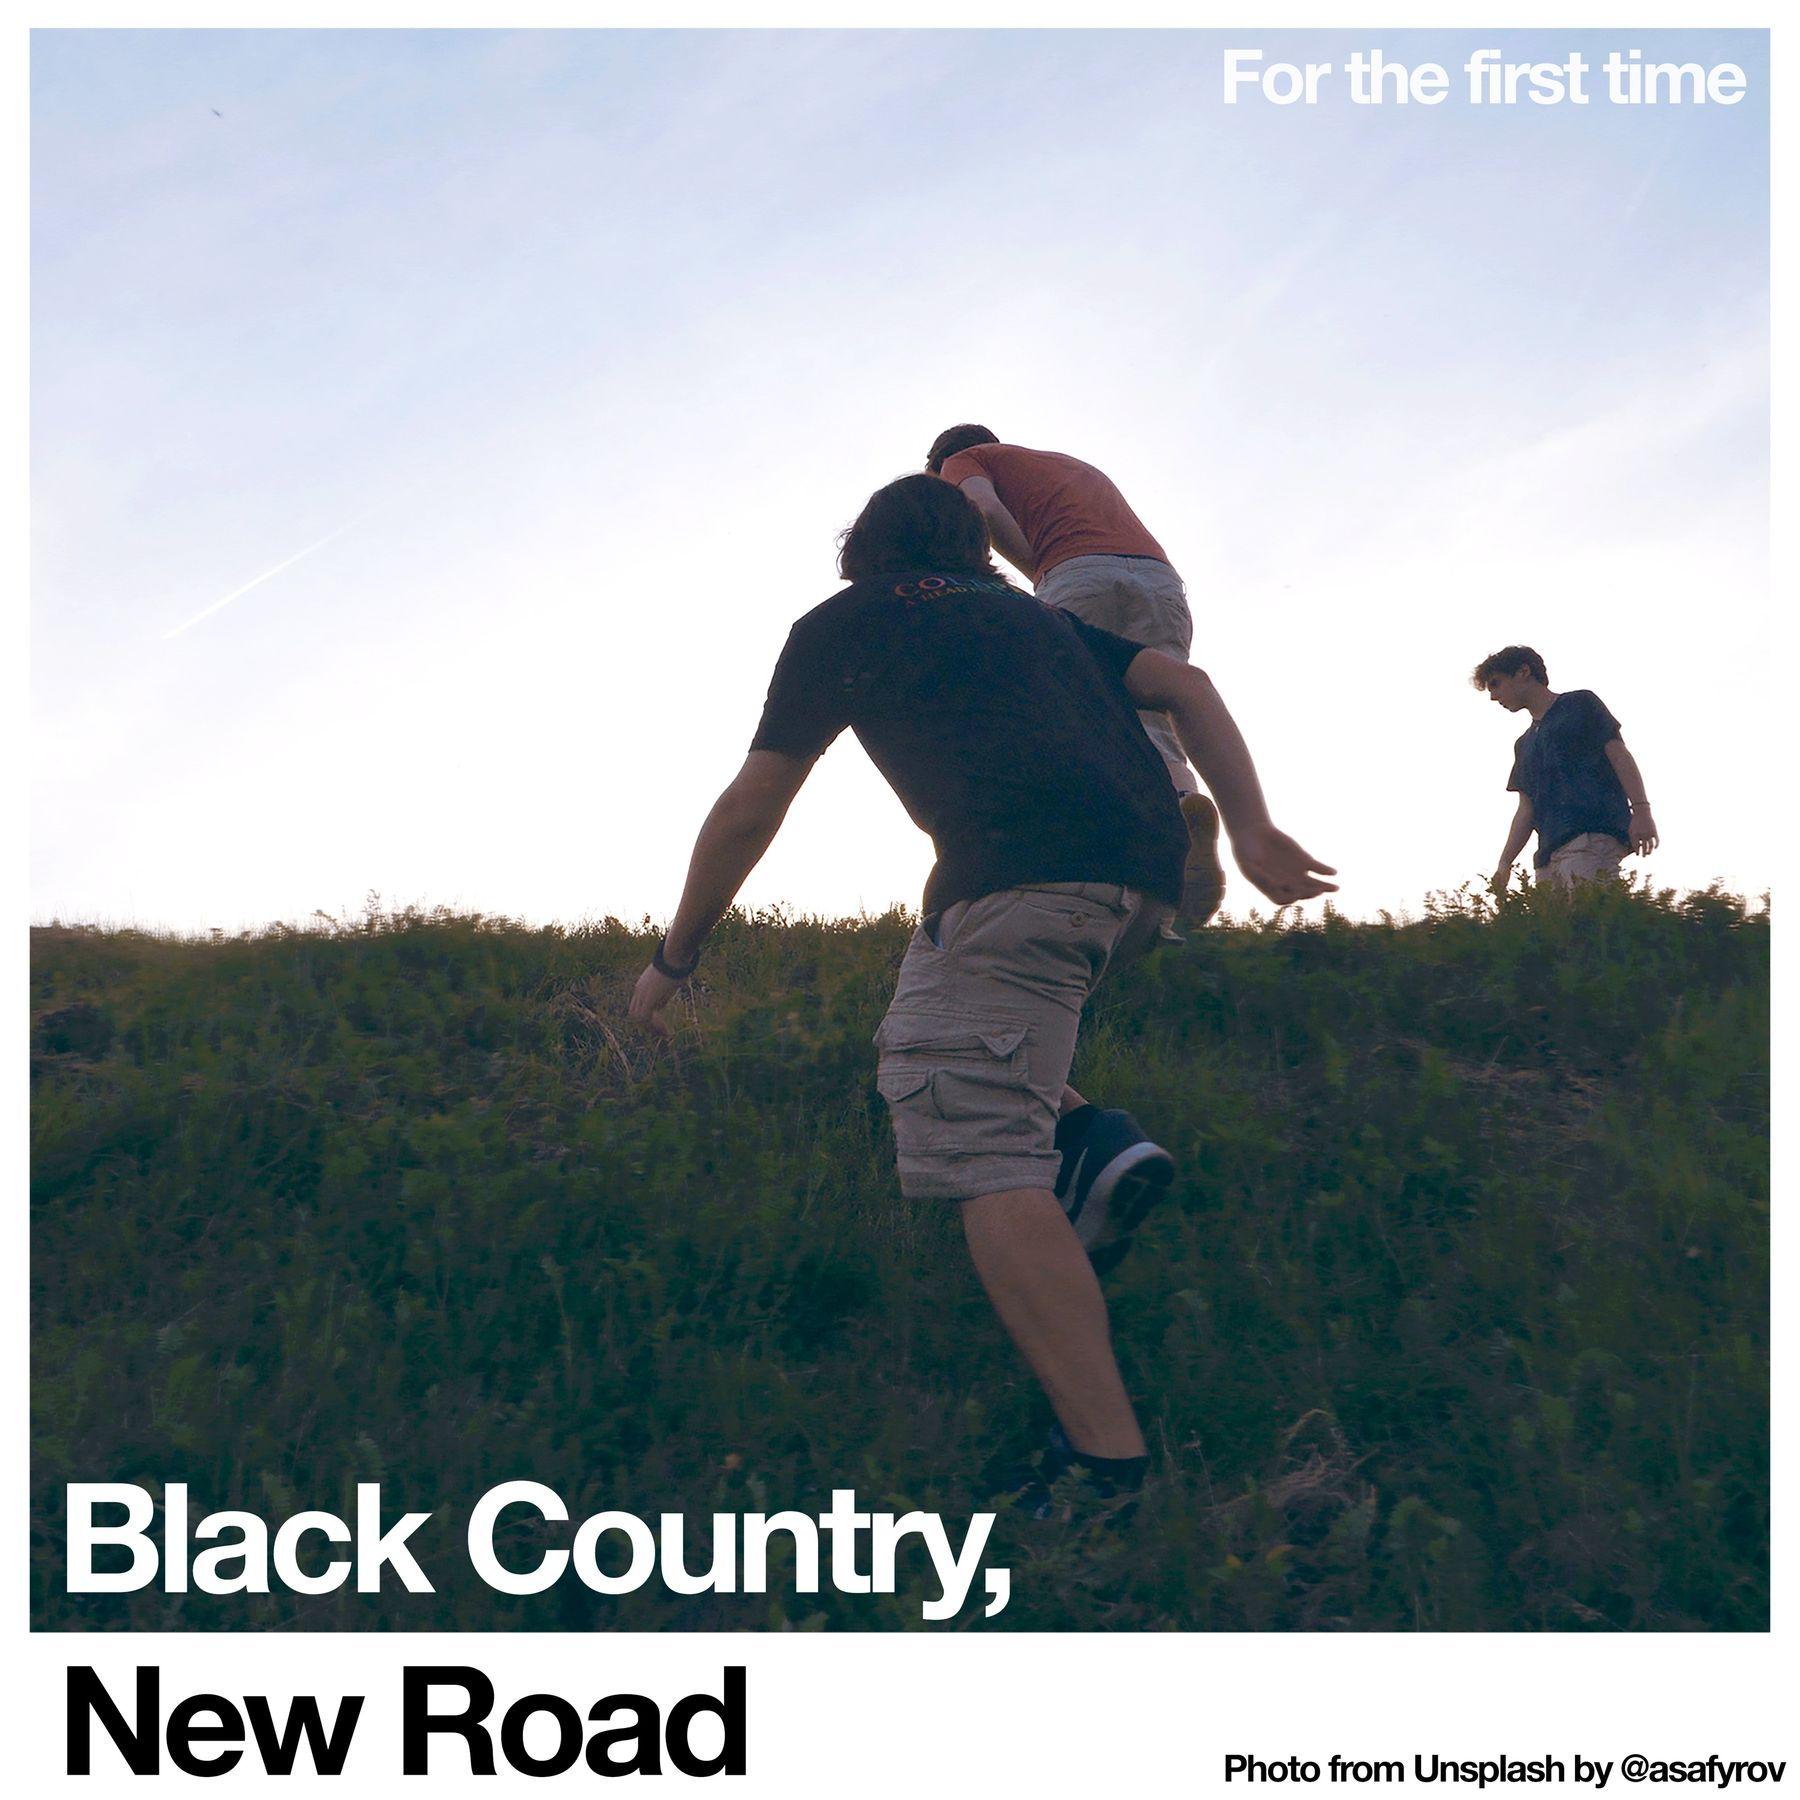 Capa do álbum For the first time, da banda Black Country, New Road. Vemos uma foto de 3 homens brancos subindo um morro com grama verde, está de dia e o céu está azul claro. A câmera olha eles de baixo, fotografando a subida. 2 deles estão subindo e o terceiro já está no topo. No topo, na parte direita, está escrito For the first time, em letras brancas. Na parte de baixo, na extremidade esquerda da foto, está escrito Black Country, em branco e New Road abaixo, em fundo branco e letra preta.